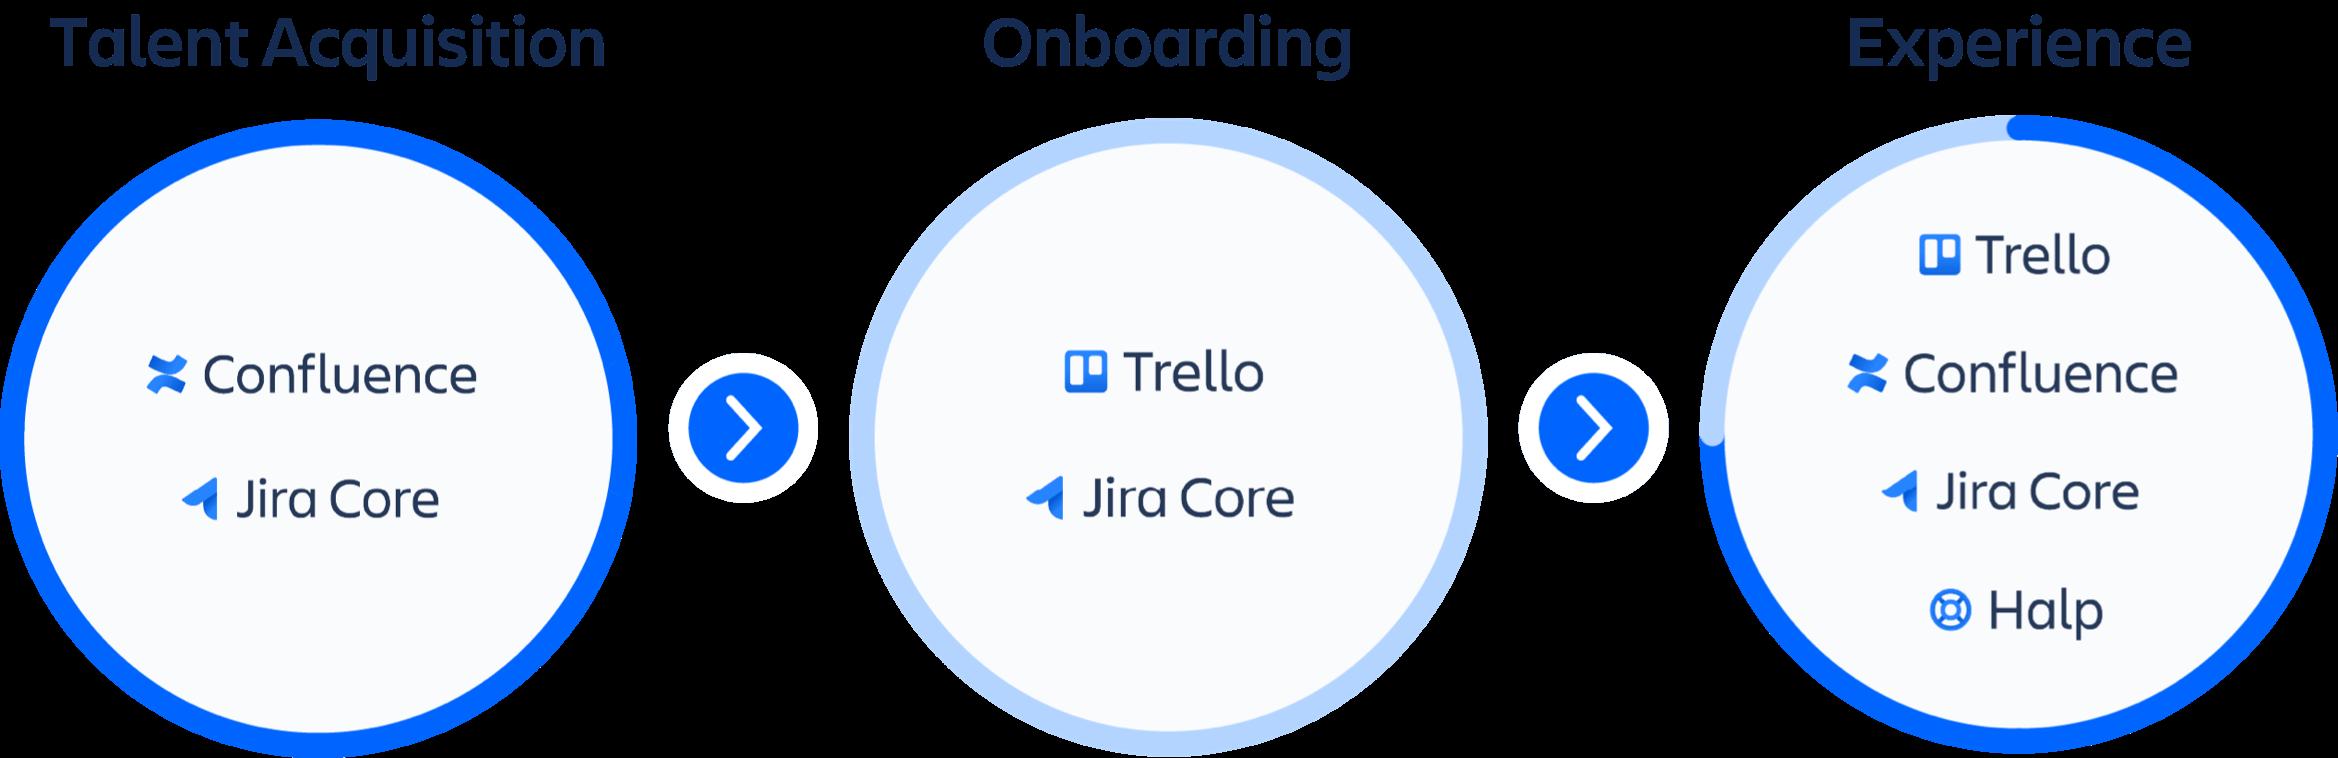 인재 확보 제품의 그래픽: Confluence 및 Jira Core와 온보딩 제품: Trello 및 Jira Core